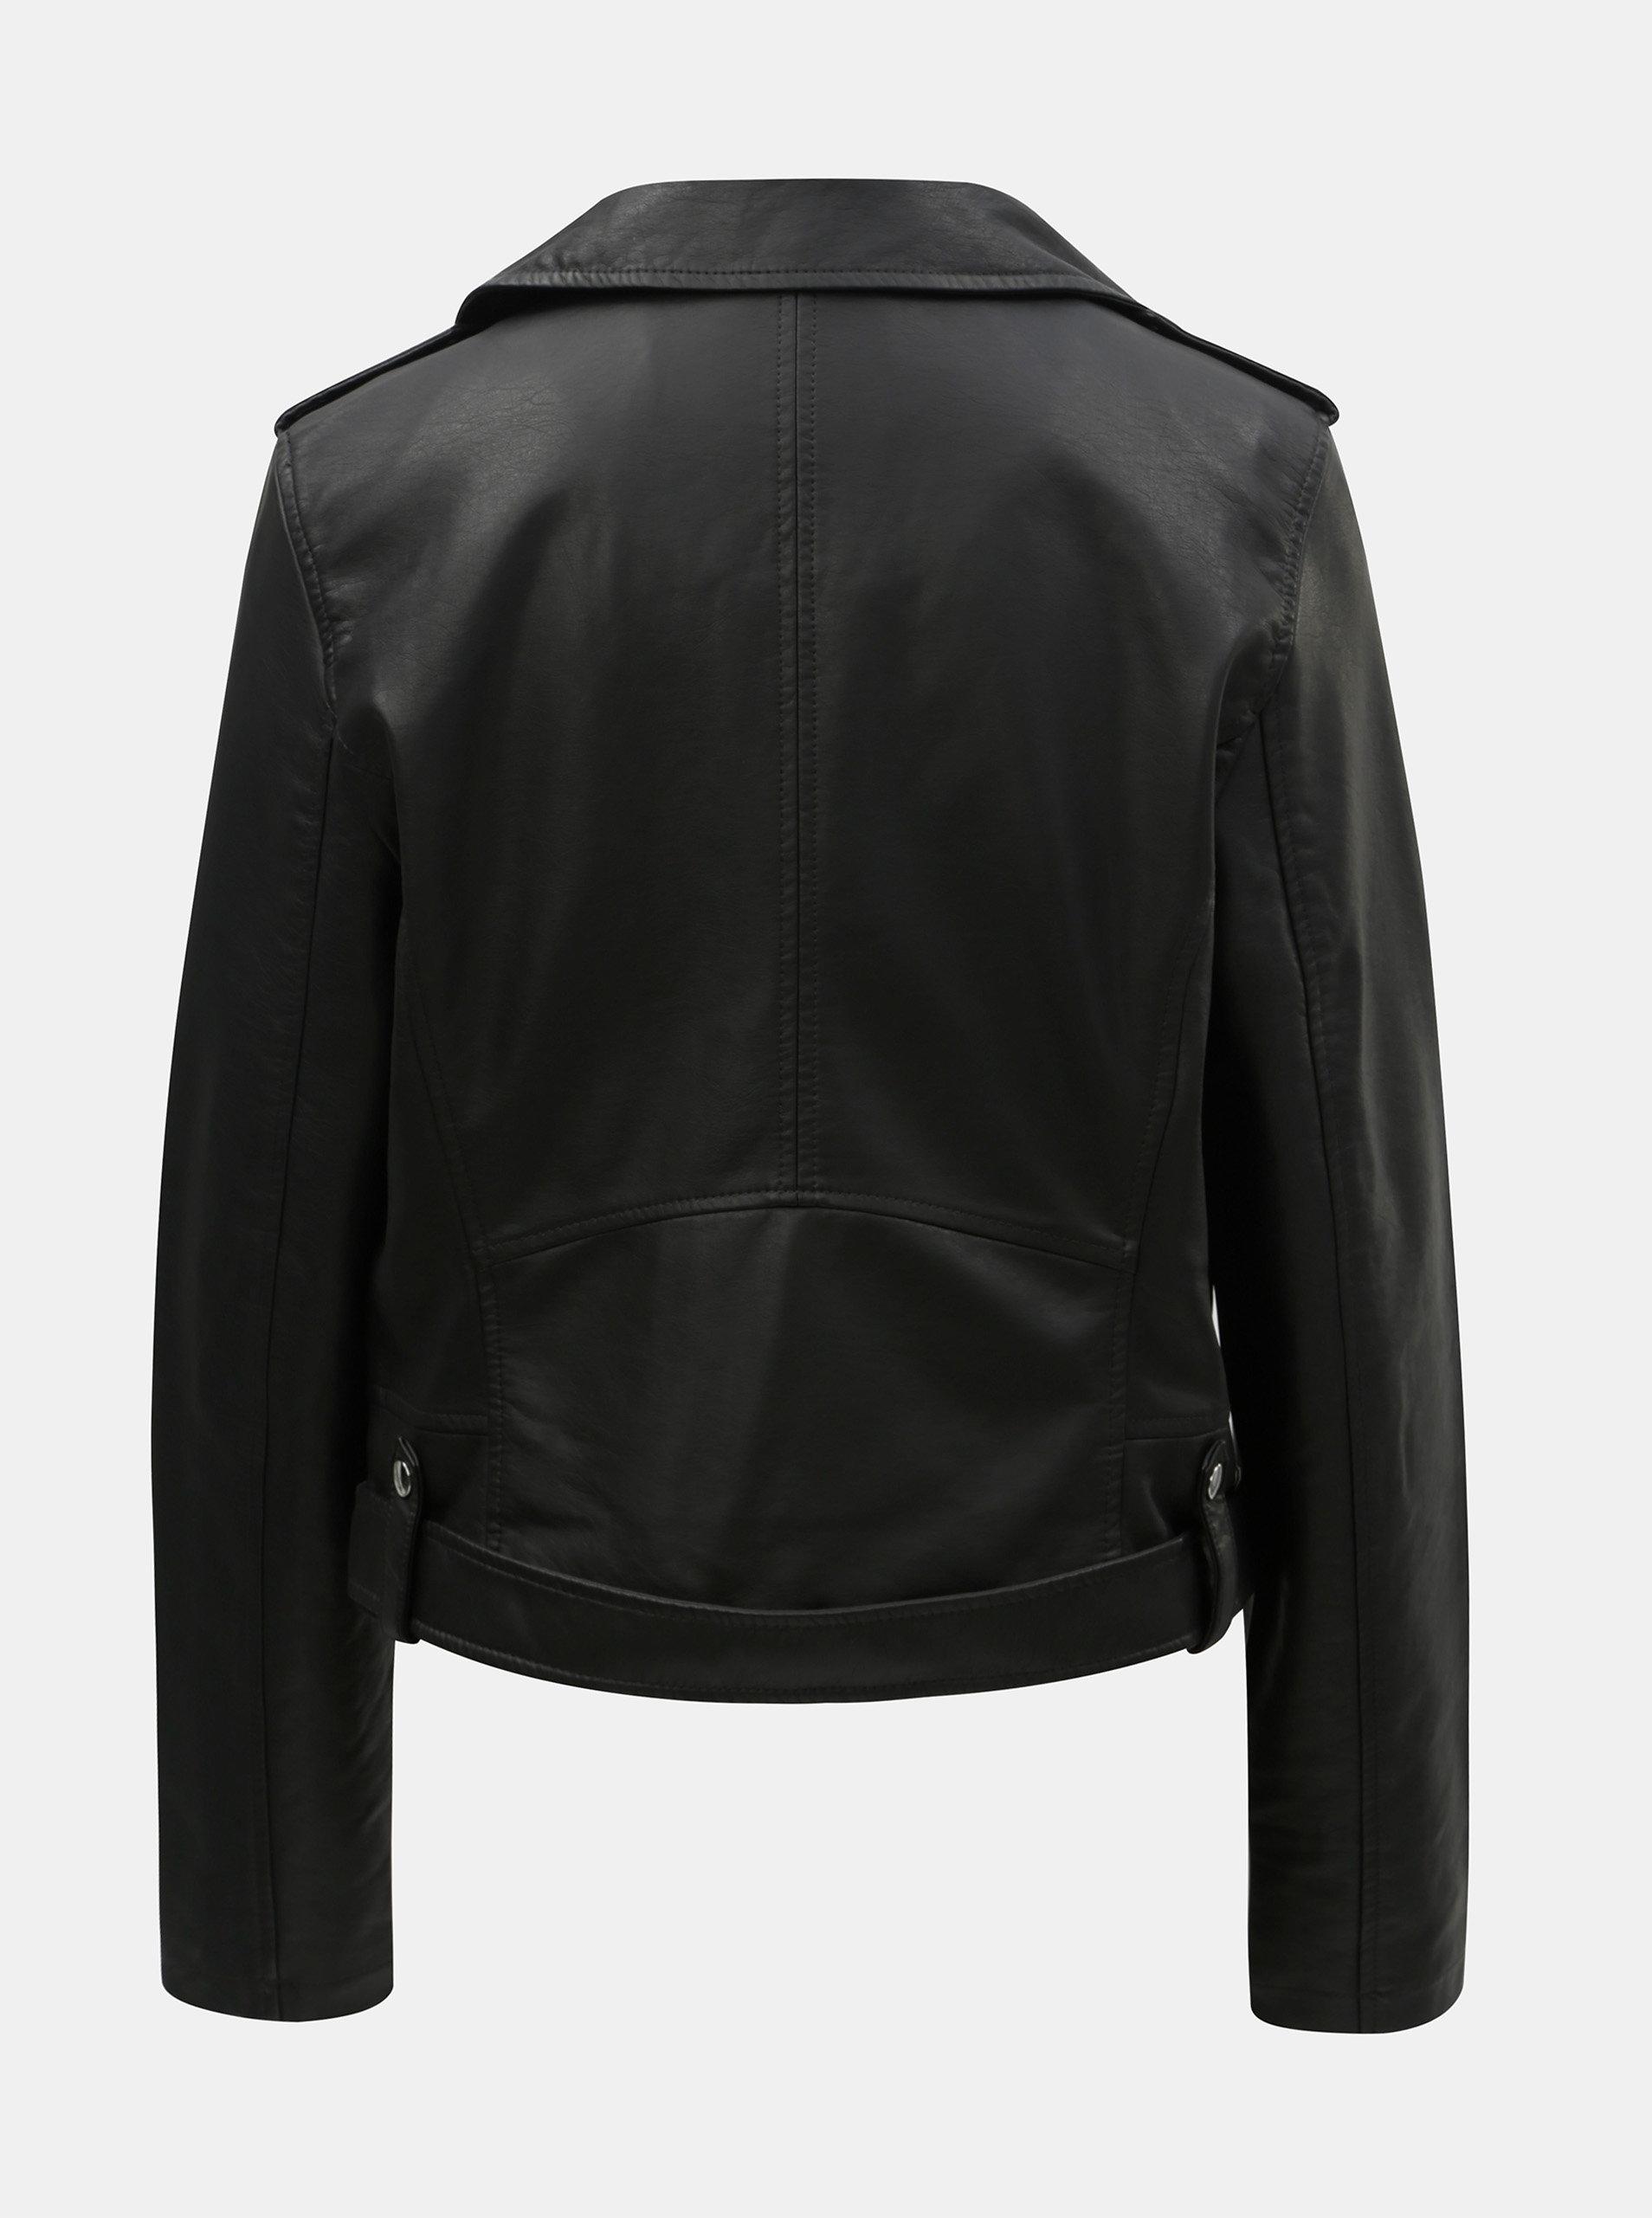 726e5e821d31 Čierna koženková bunda s opaskom TALLY WEiJL ...